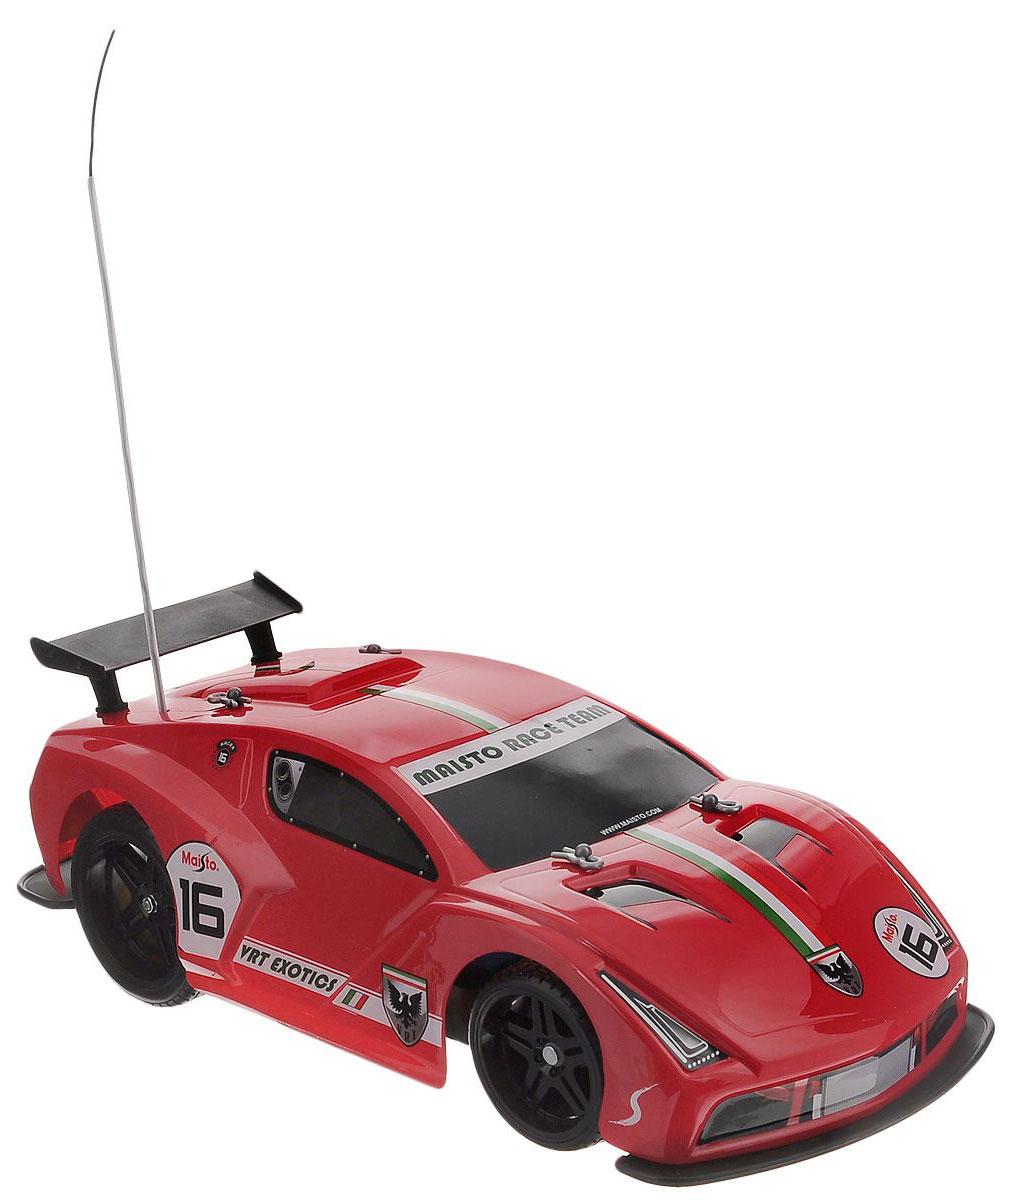 Maisto Машина на радиоуправлении Express Lane VRT-16 цвет красный81200_красныйРадиоуправляемая модель Maisto Express Lane VRT-16 с ярким привлекающим внимание дизайном обязательно понравится всем любителям гоночных автомобилей. Корпус выполнен из высококачественного пластика. Машина представляет собой копию машины, уменьшенную в 14 раз. Двигается в нескольких направлениях: вперед, назад, вправо, влево. Автомобиль оснащен профессиональным передатчиком с частотой 27 MHz. Управление с помощью дистанционного пульта управления (поставляется в комплекте). В комплекте инструкция по эксплуатации на русском языке. Для работы машины необходимо докупить 6 батареек напряжением 1,5V типа АА (в комплект не входят). Для работы пульта управления необходимо докупить 2 батарейки напряжением 1,5V типа ААА (в комплект не входят).